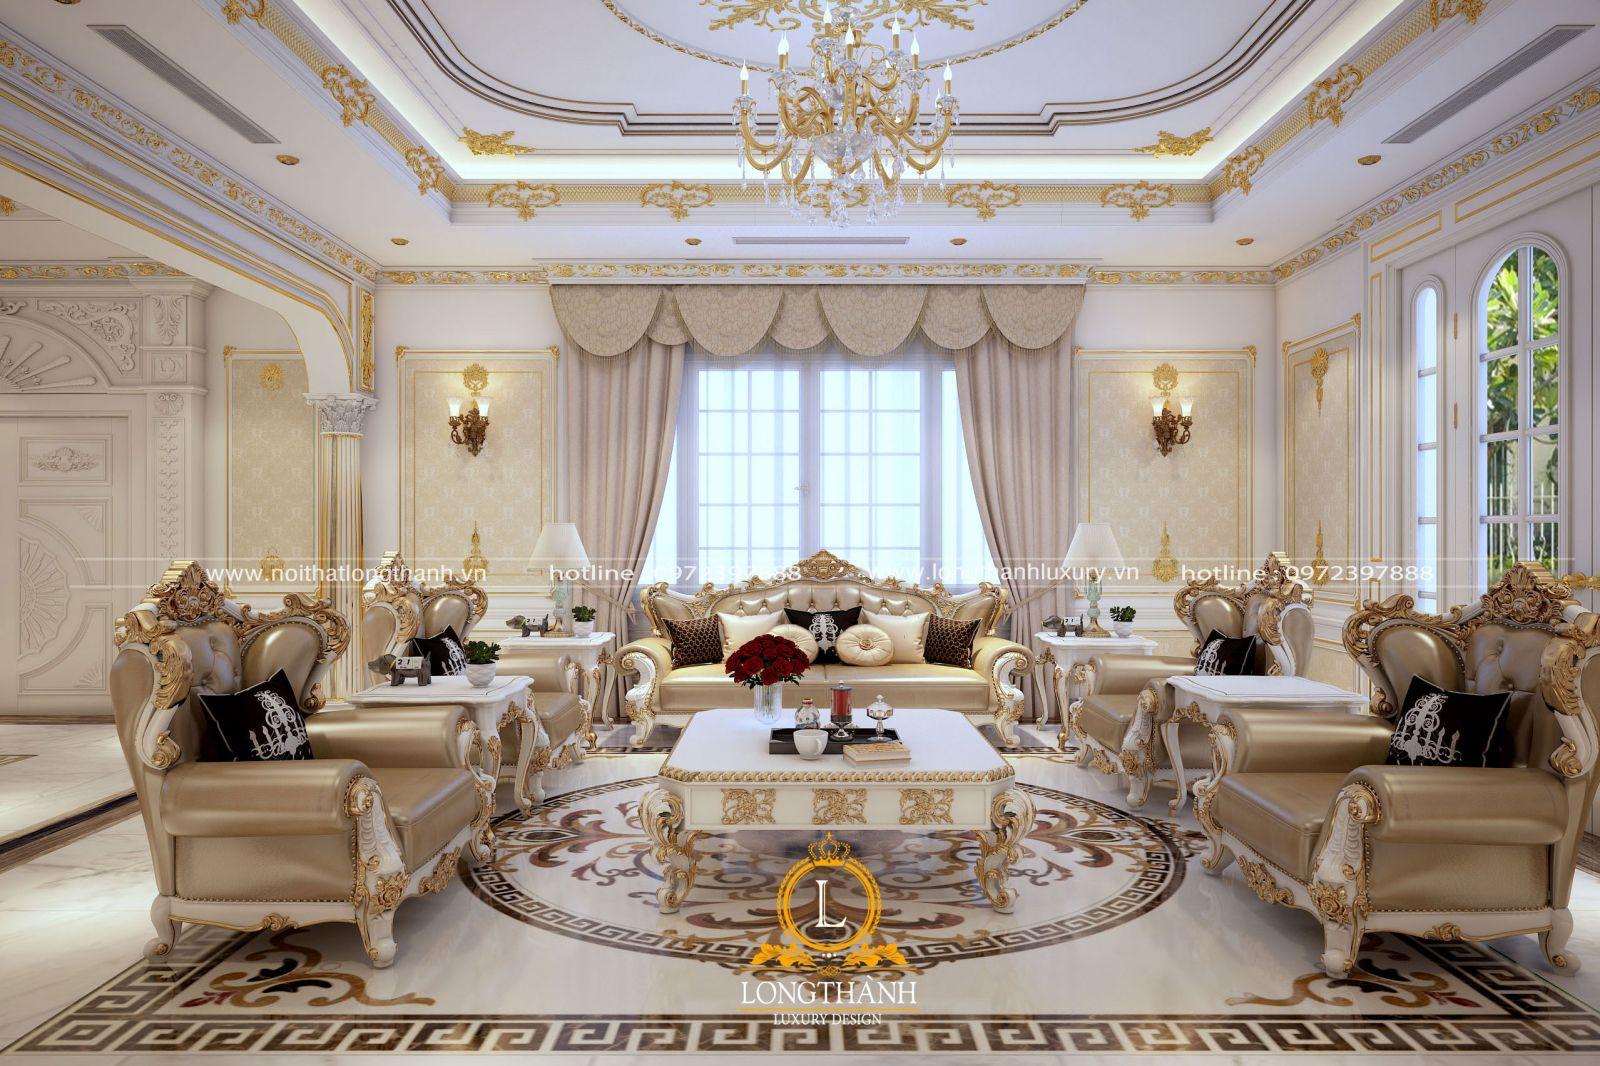 Giá trị thẩm mỹ vượt trội của giấy dán tường cho không  gian nội thất phòng khách